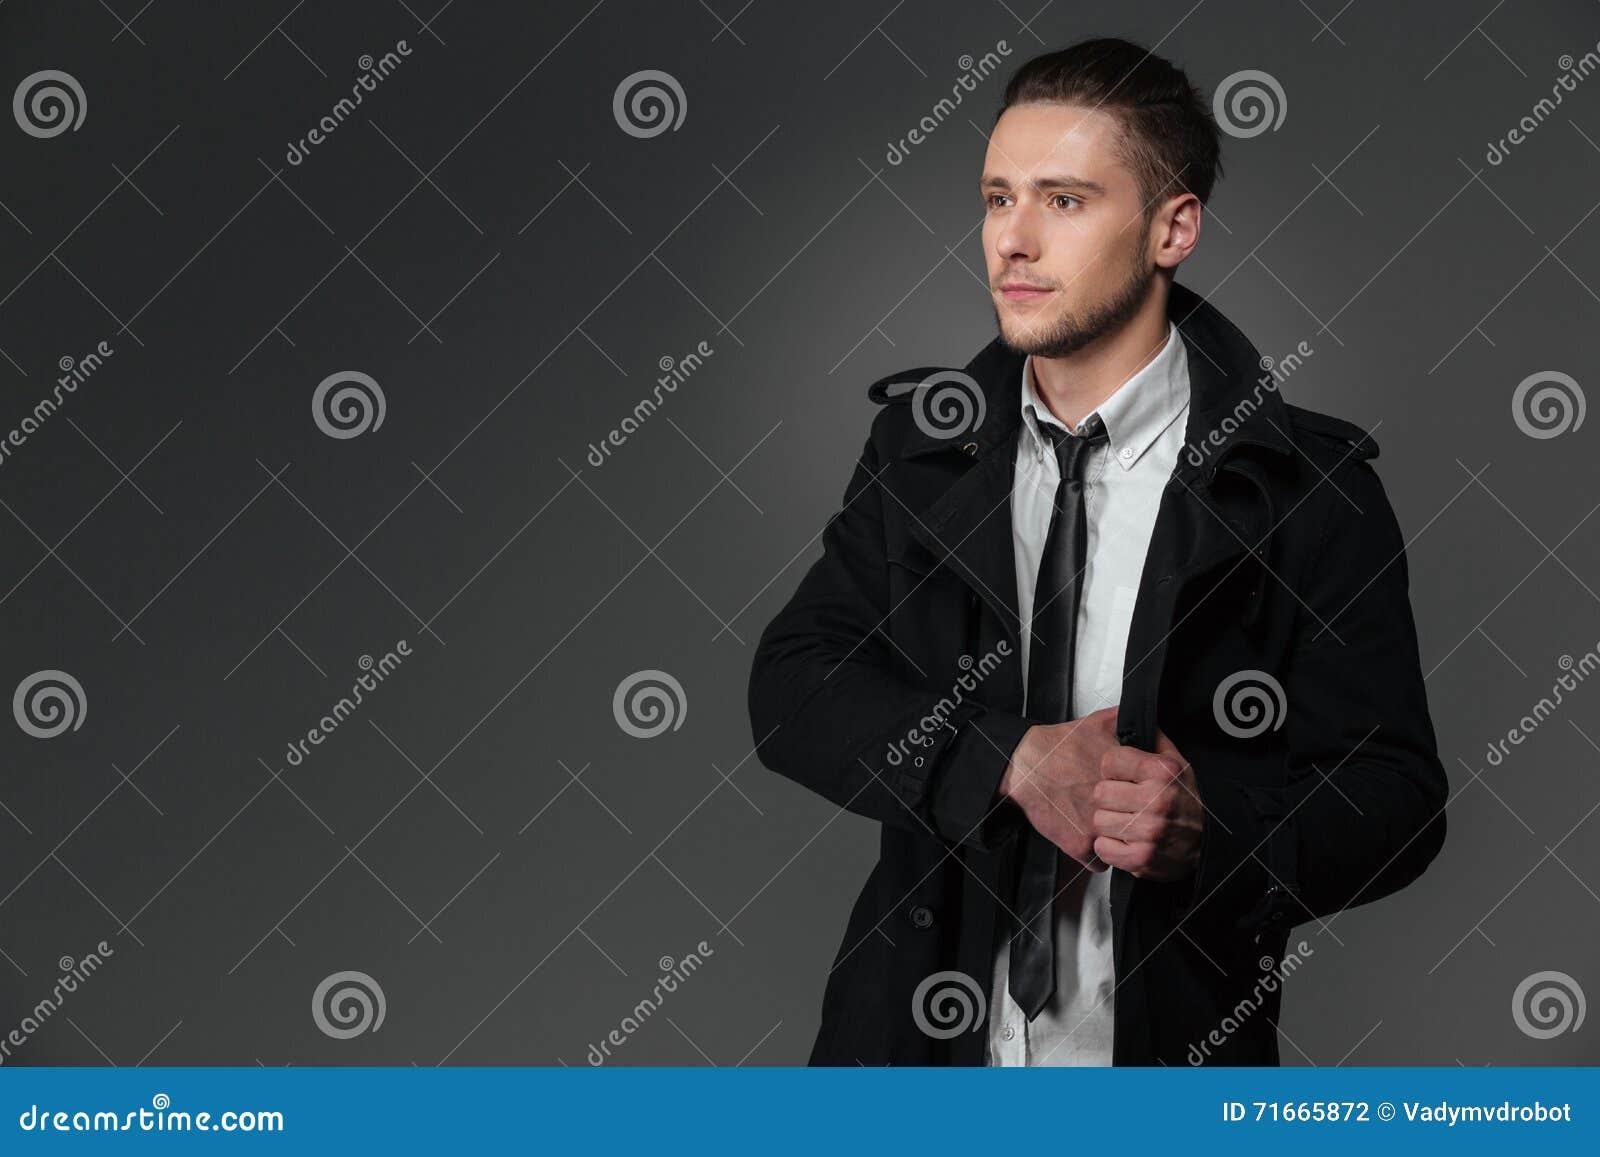 cappotto nero uomo con scritta bianca